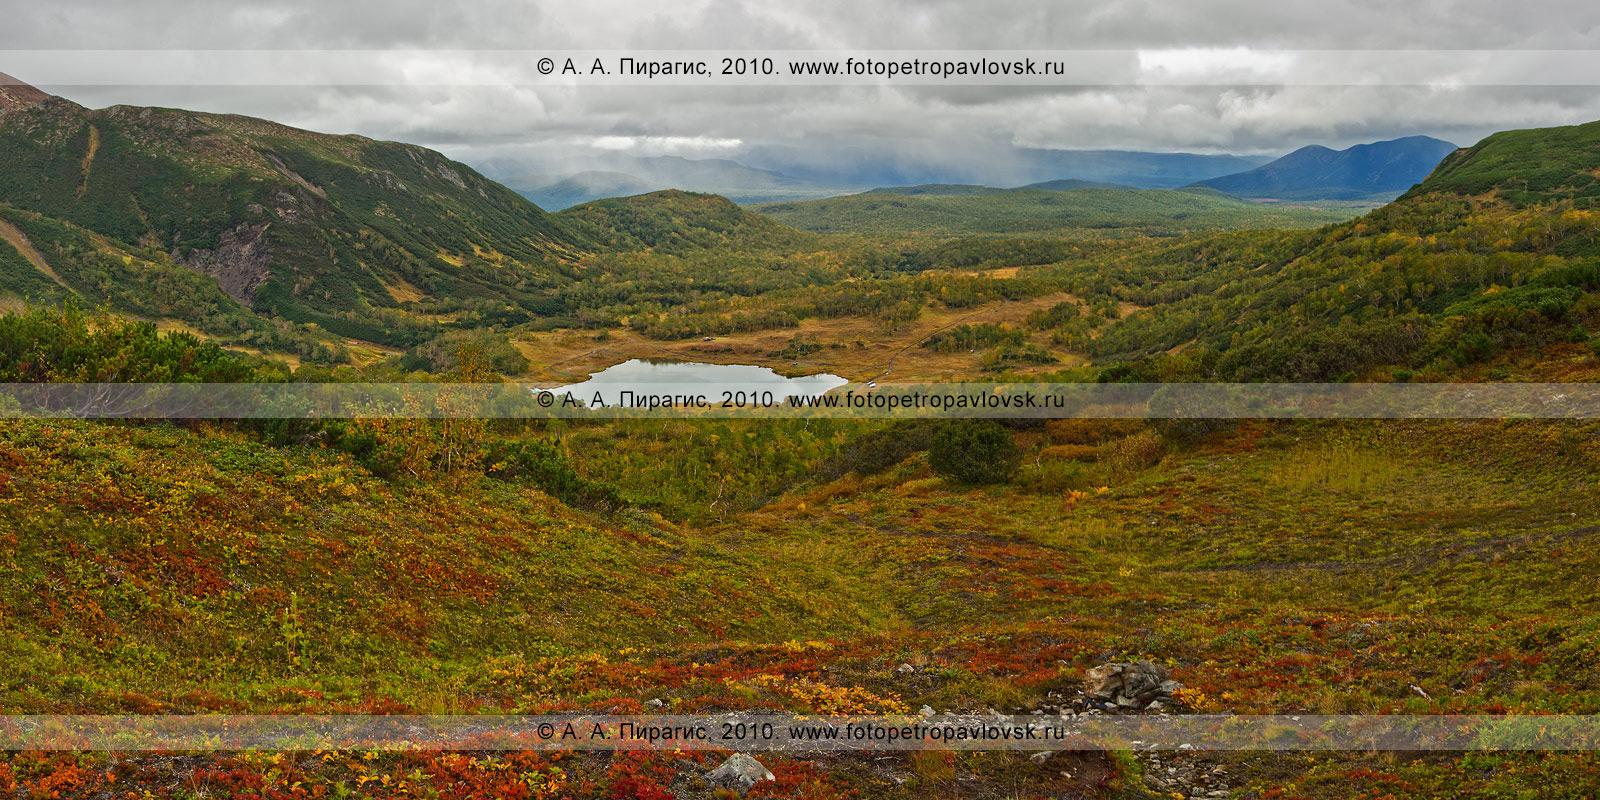 """Фотография (панорама): долина реки Тахколоч. Вид с сопки Летняя Поперечная, внизу — озеро Тахколоч. Геологический памятник природы Камчатки """"Горный массив Вачкажец"""""""